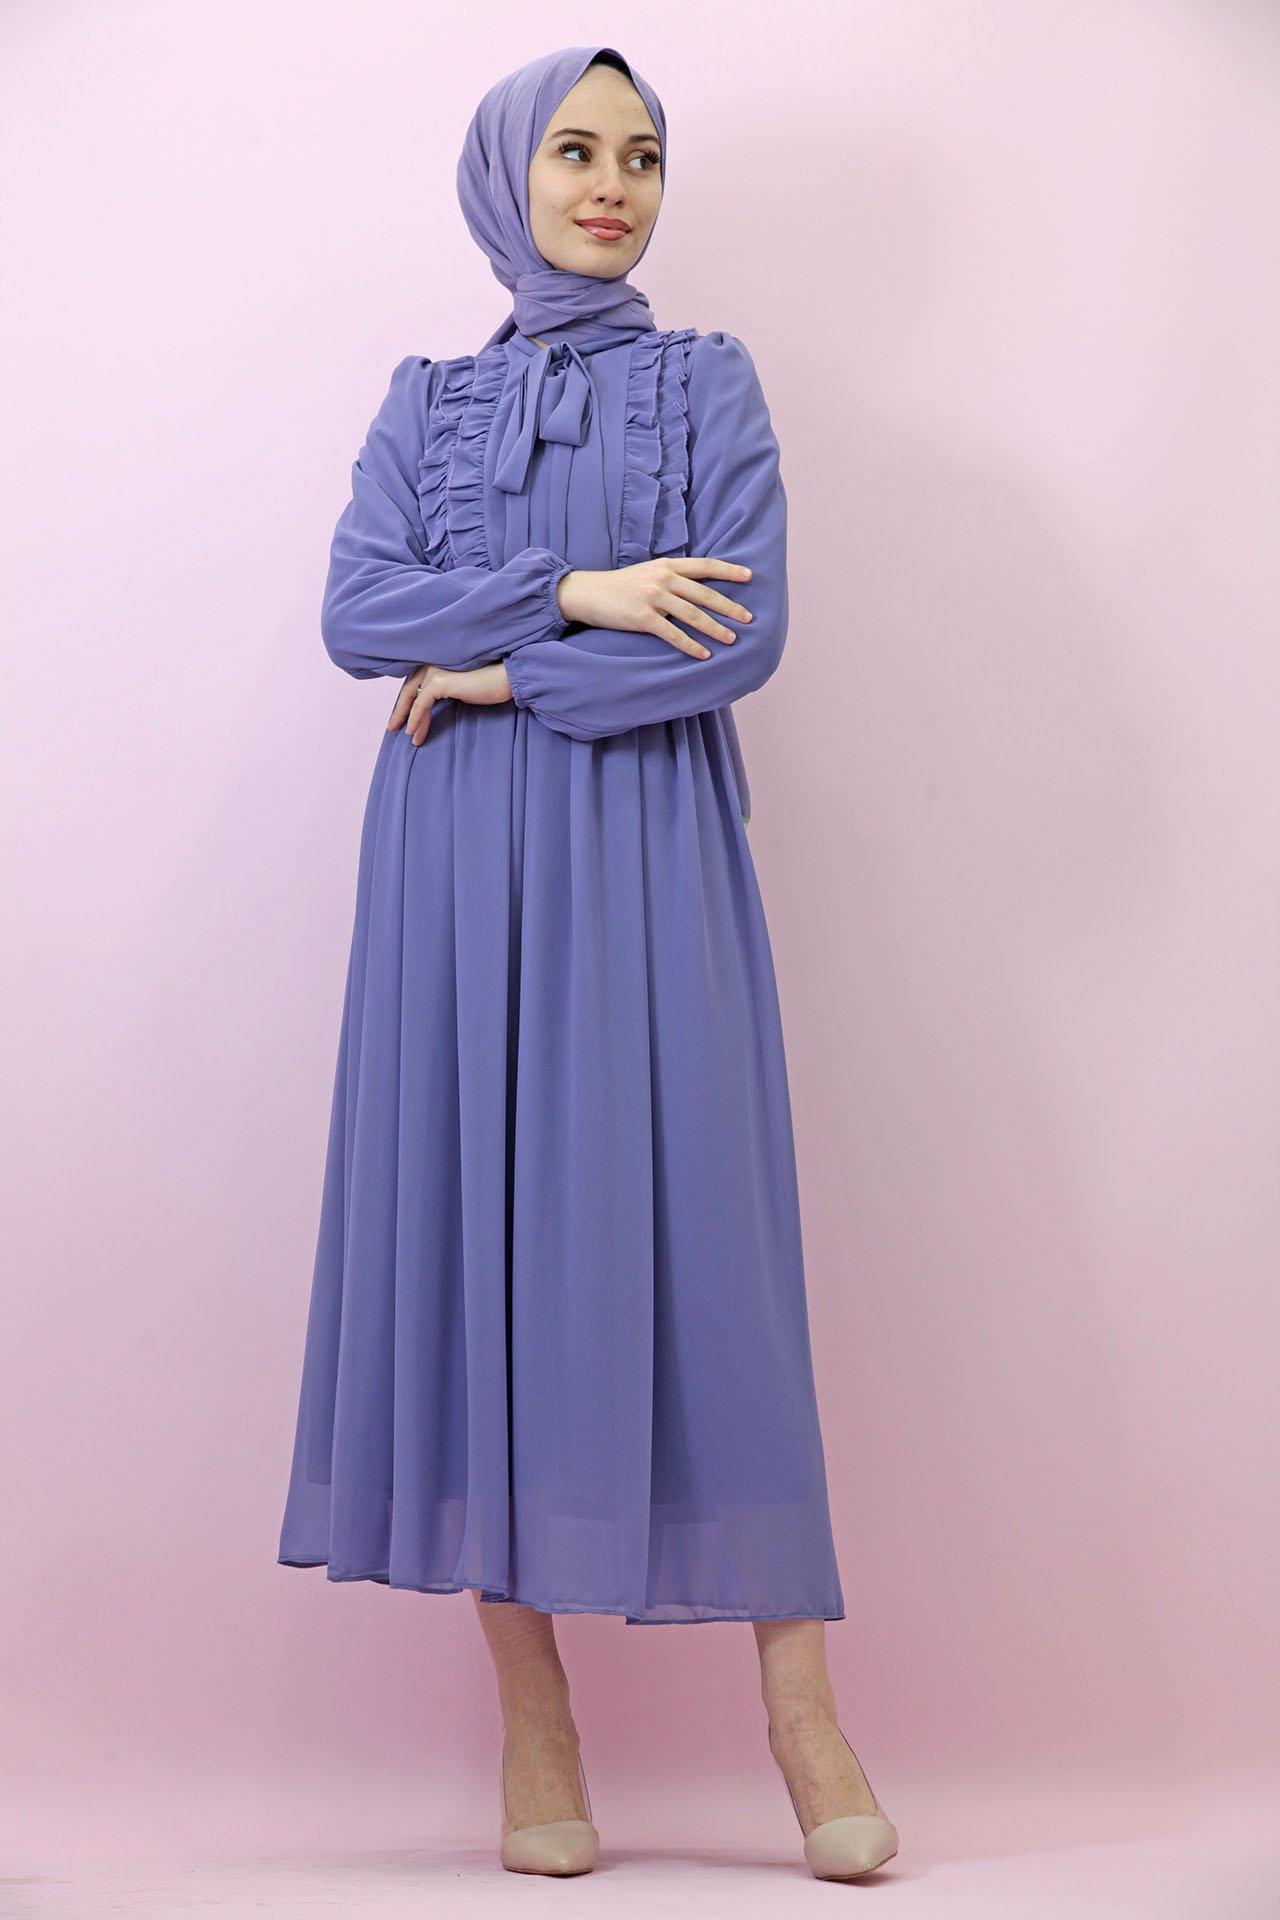 GİZAGİYİM - Fırfırlı Şifon Tesettür Elbise Serenity